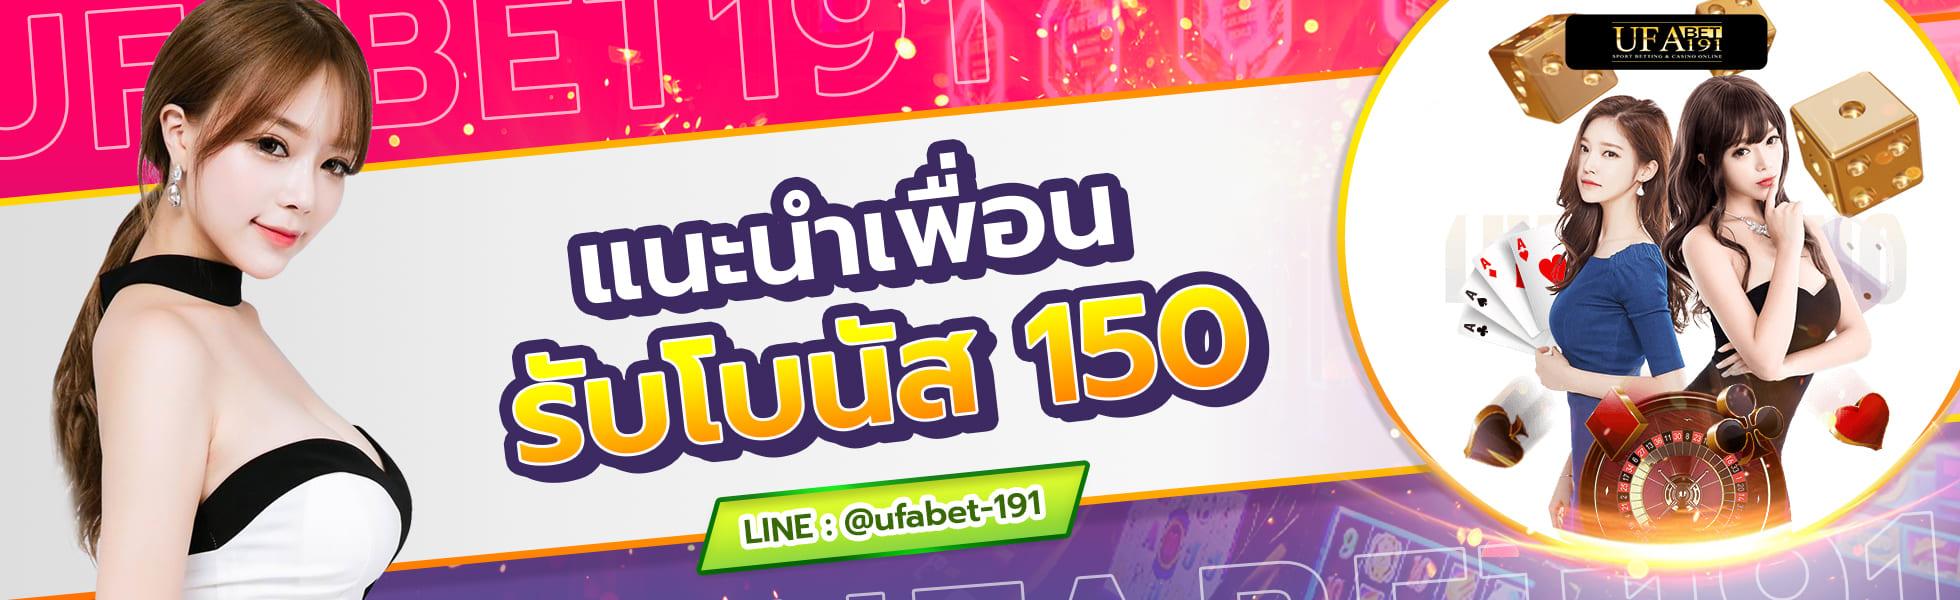 แนะนำเพื่อนสมัคร ufabet ufa191